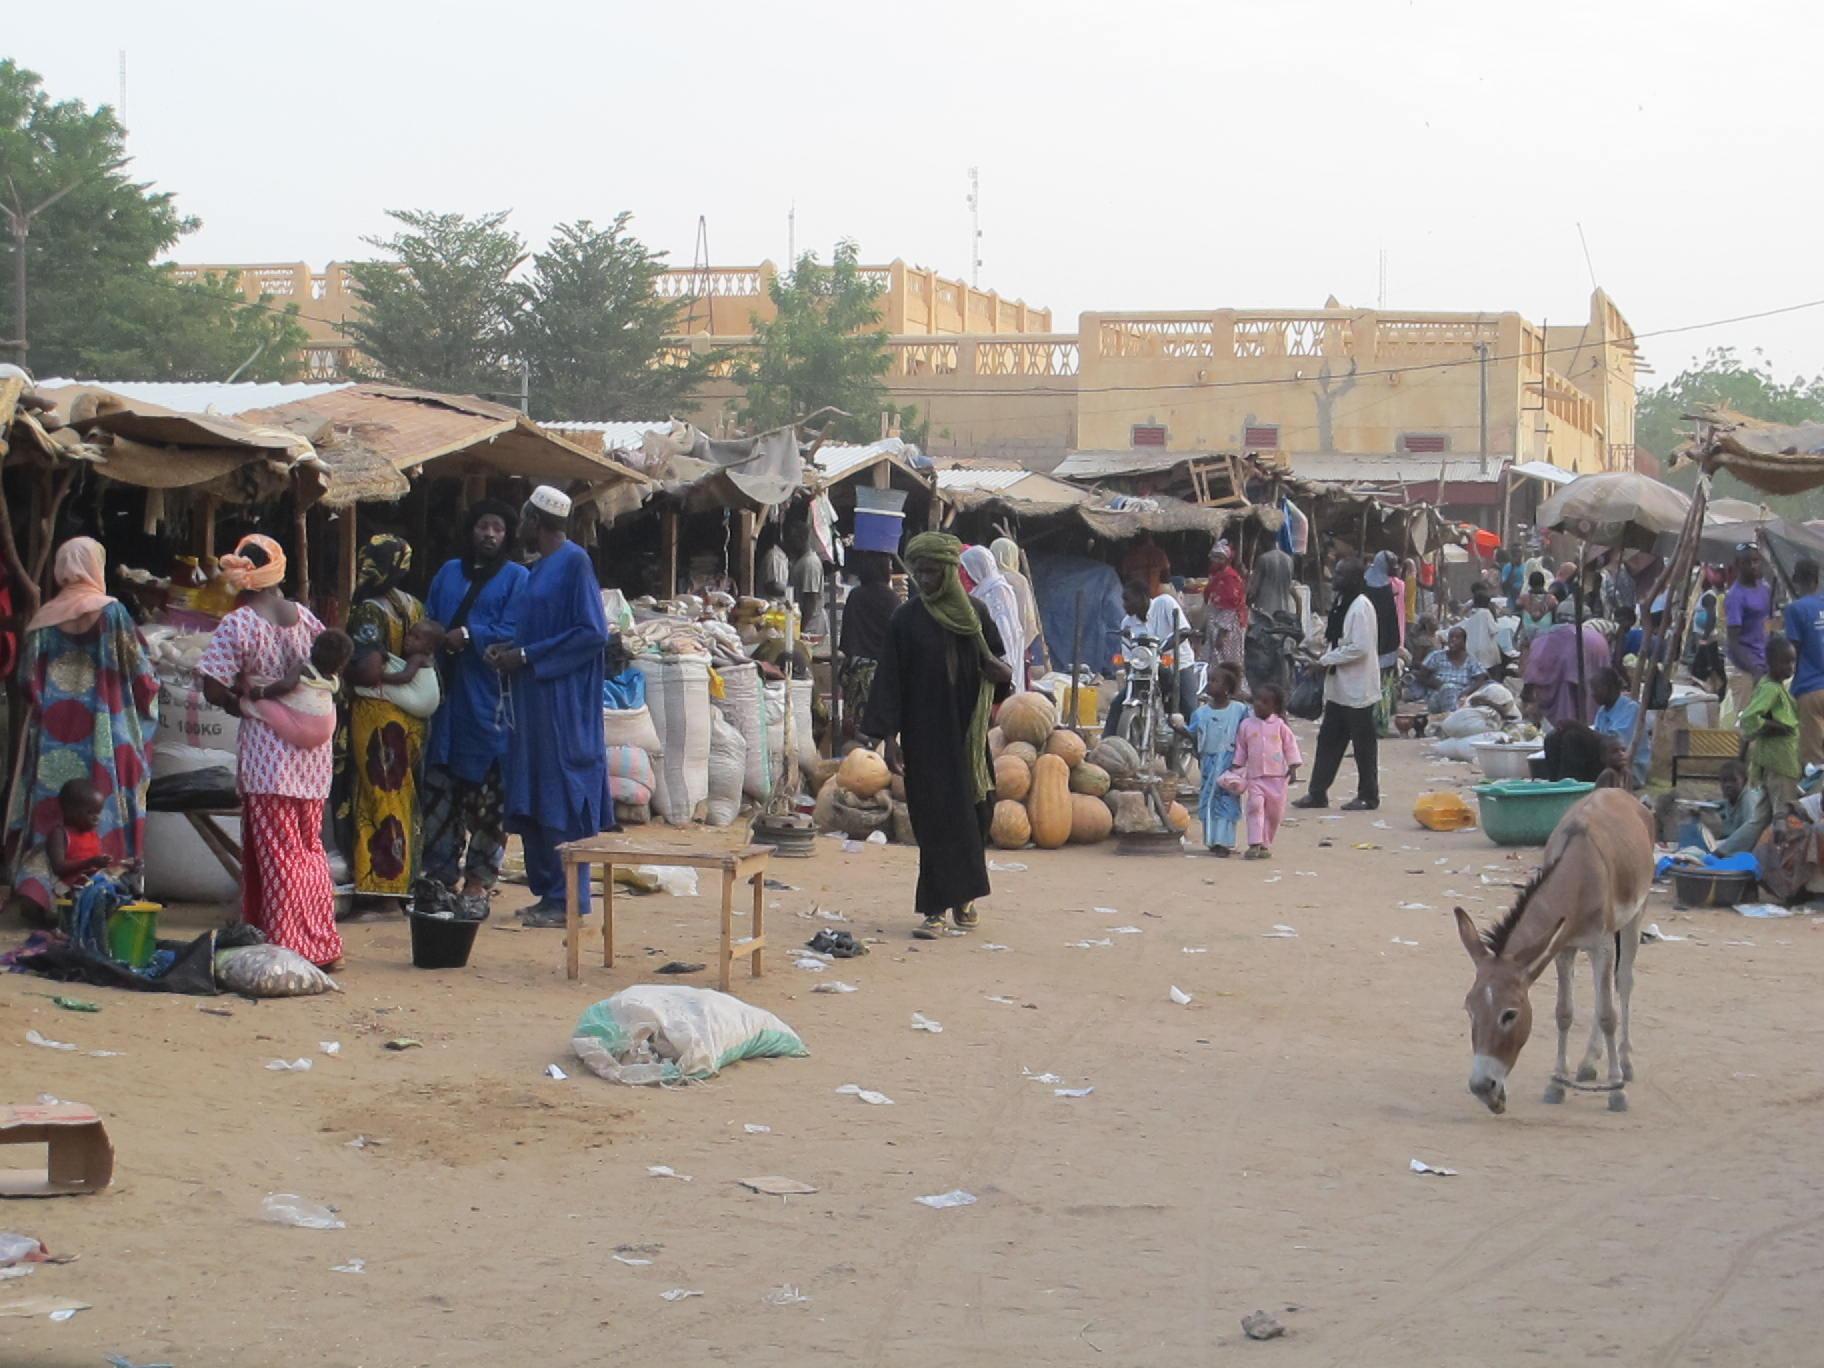 Le marché de Gao.